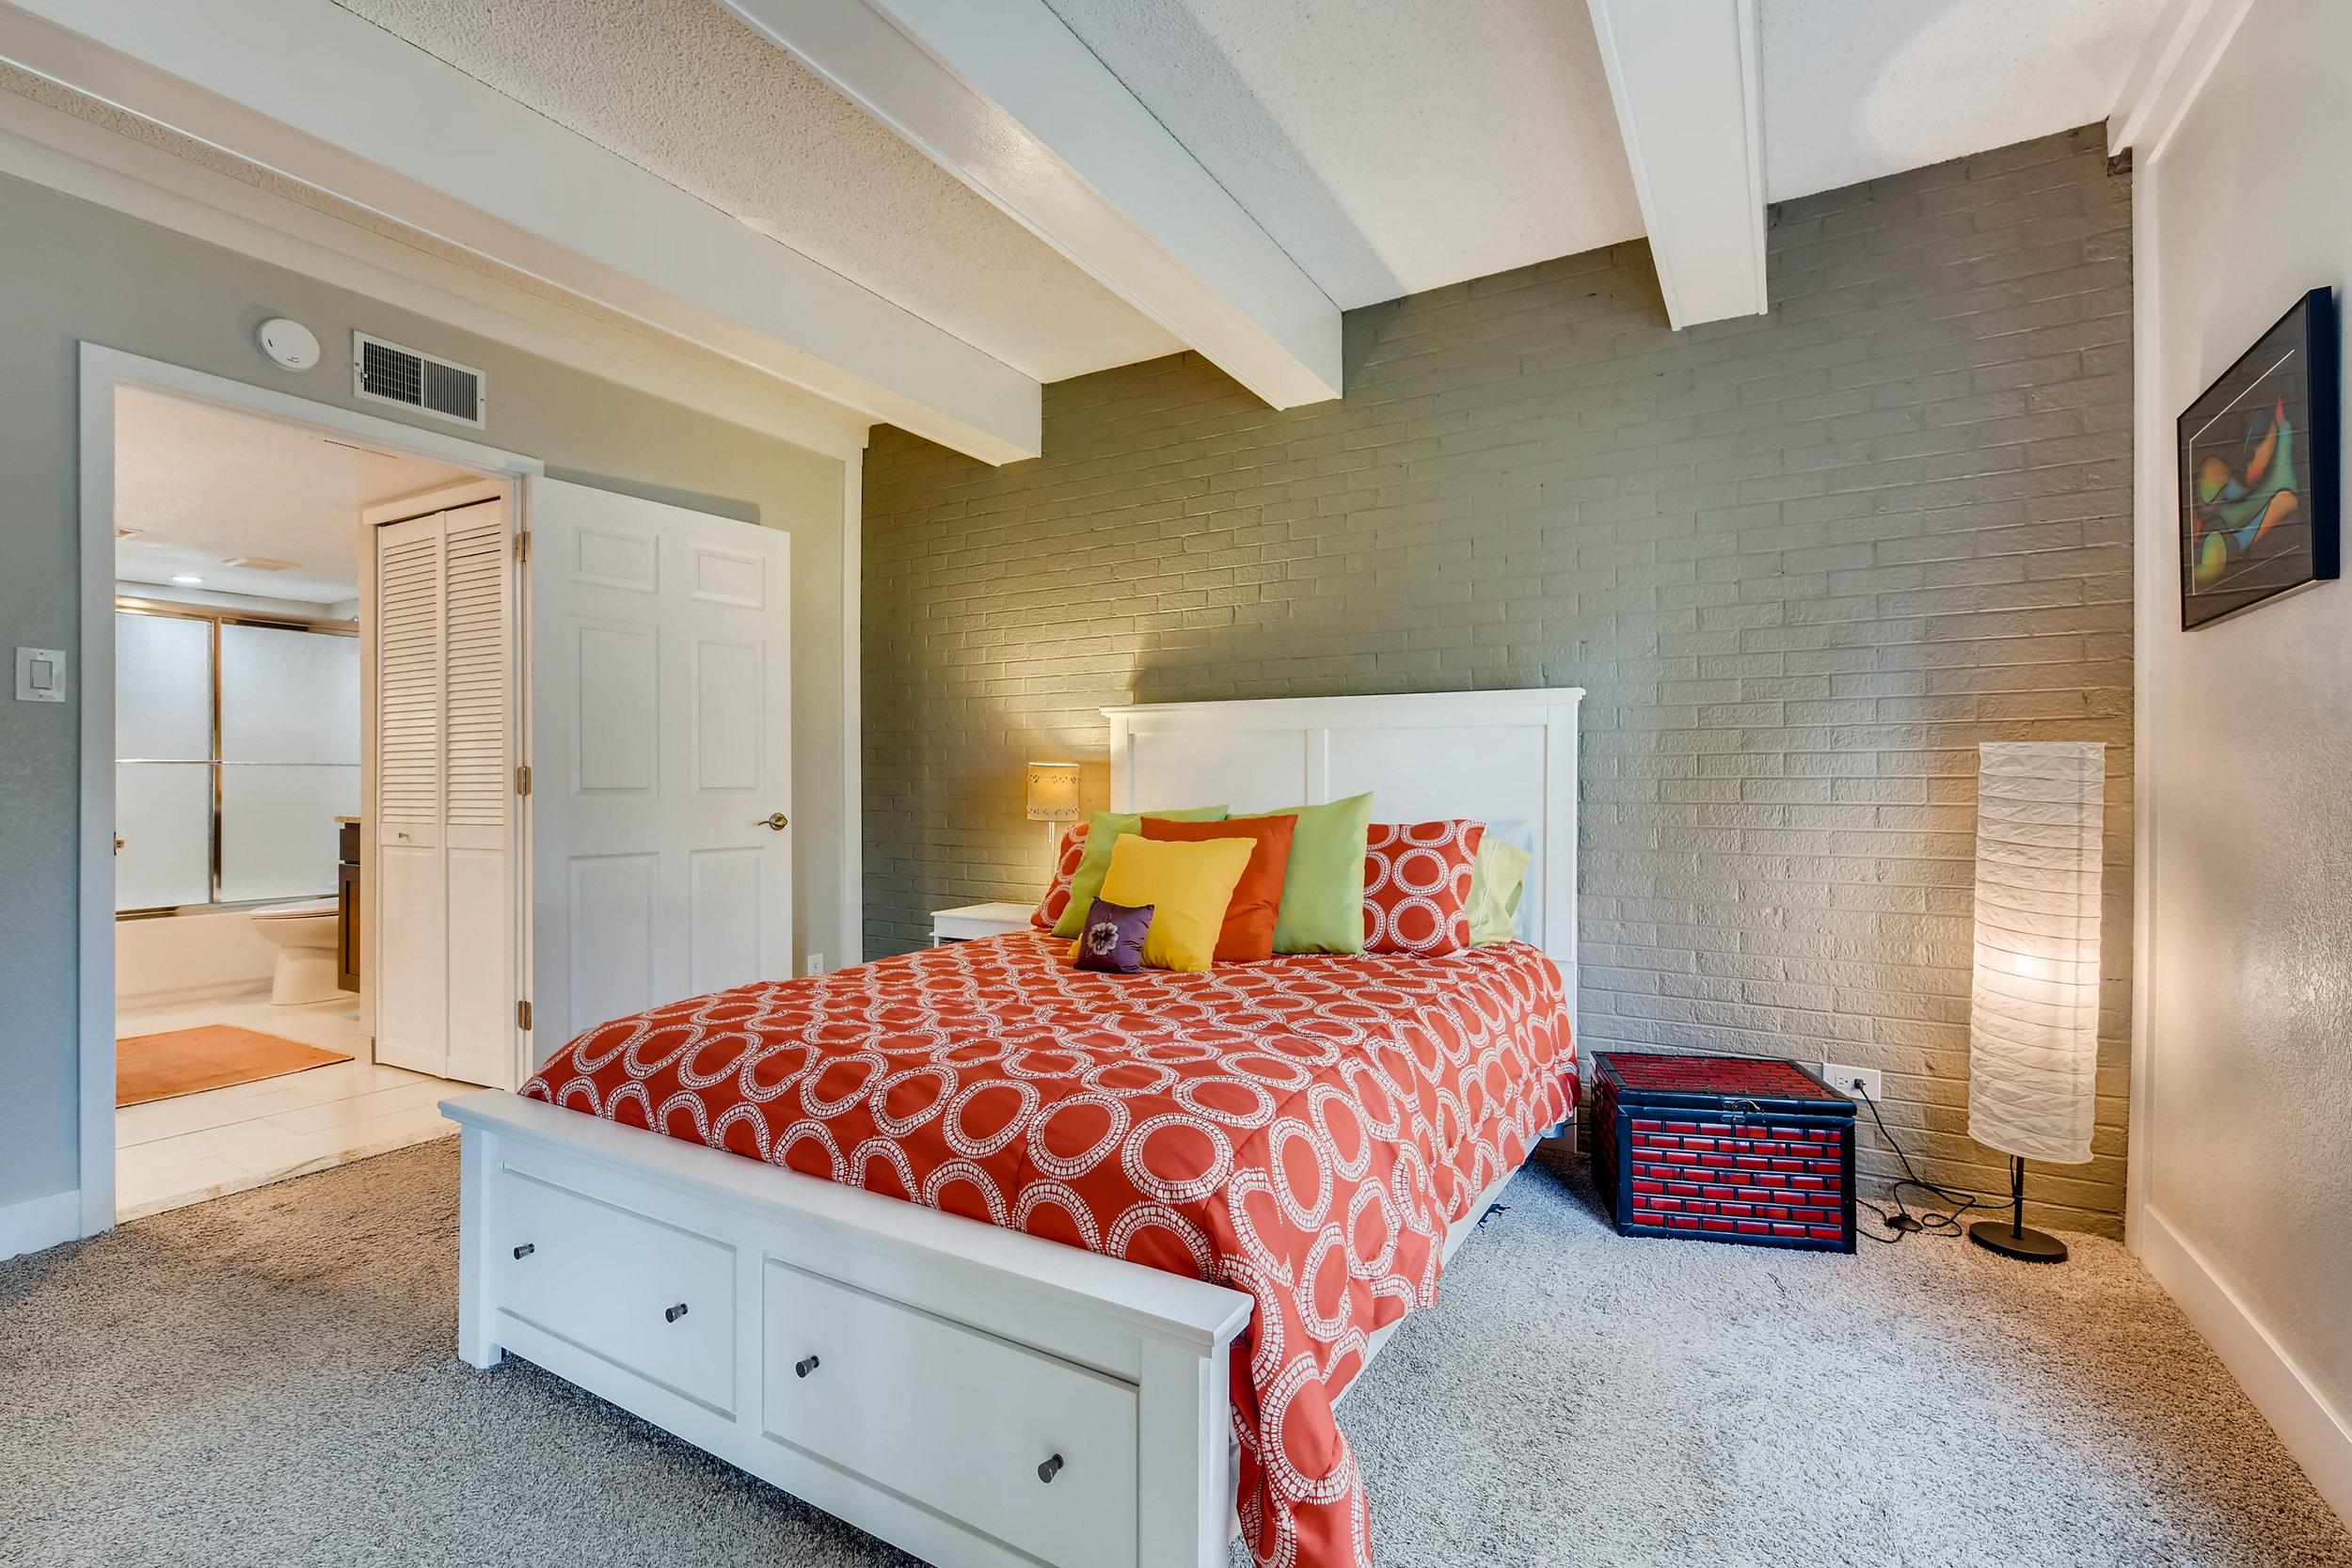 2525 S Deyton Way Unit 1107-print-021-016-Master Bedroom-3600x2400-300dpi.jpg